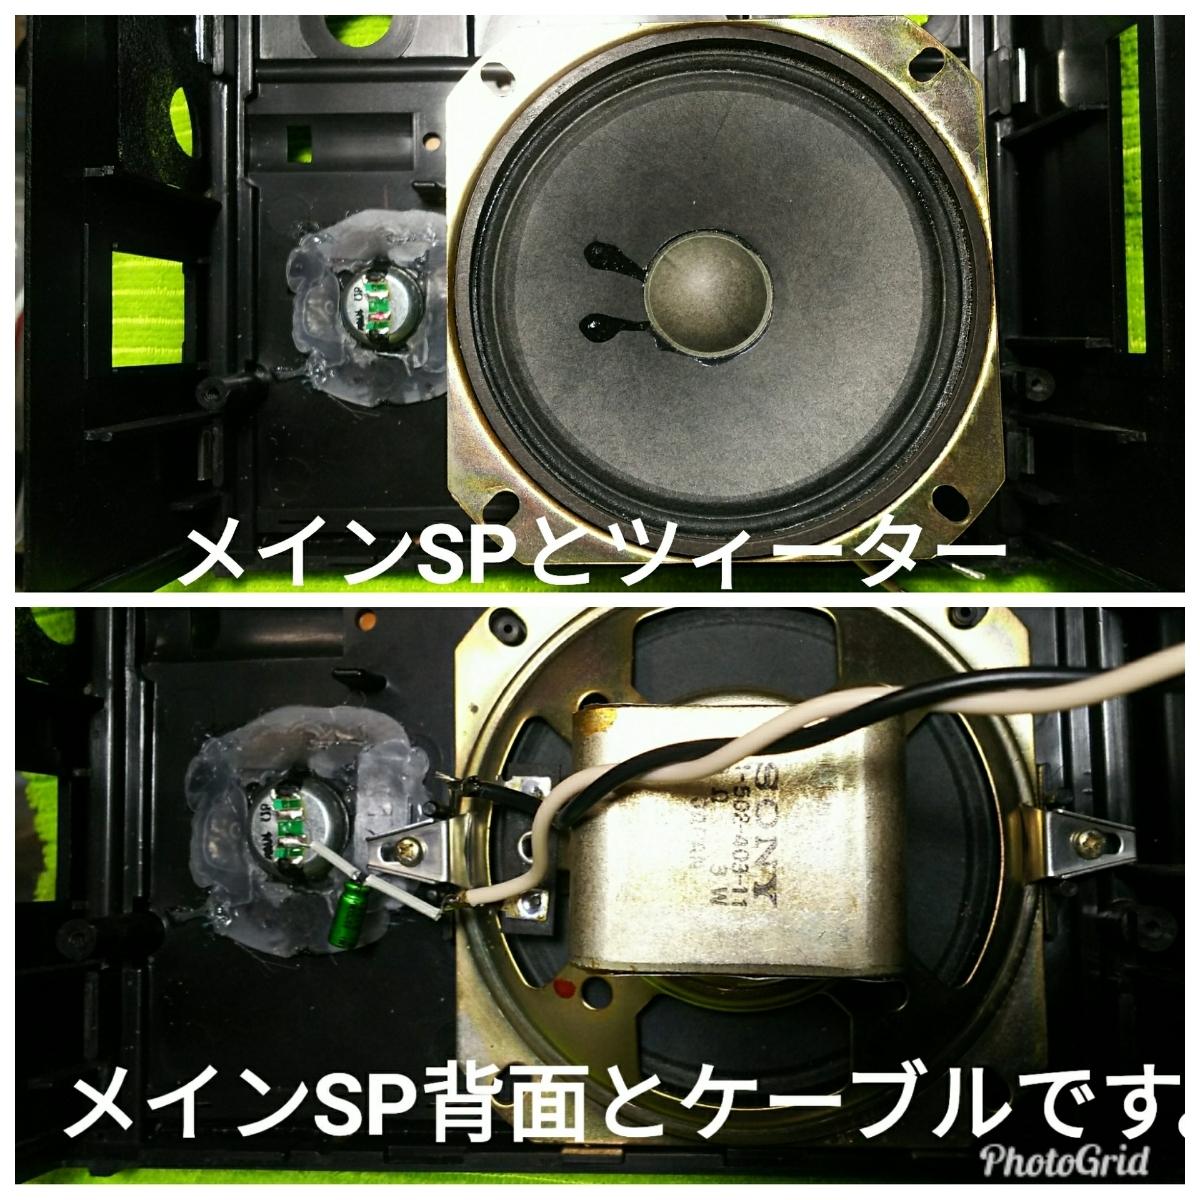 整備 調整済みSONYスカイセンサーICF5800 5バンドレシーバーワイドFM対応76~93Mhz ツィーター搭載2WAYスピーカー /メモリーライト_画像7